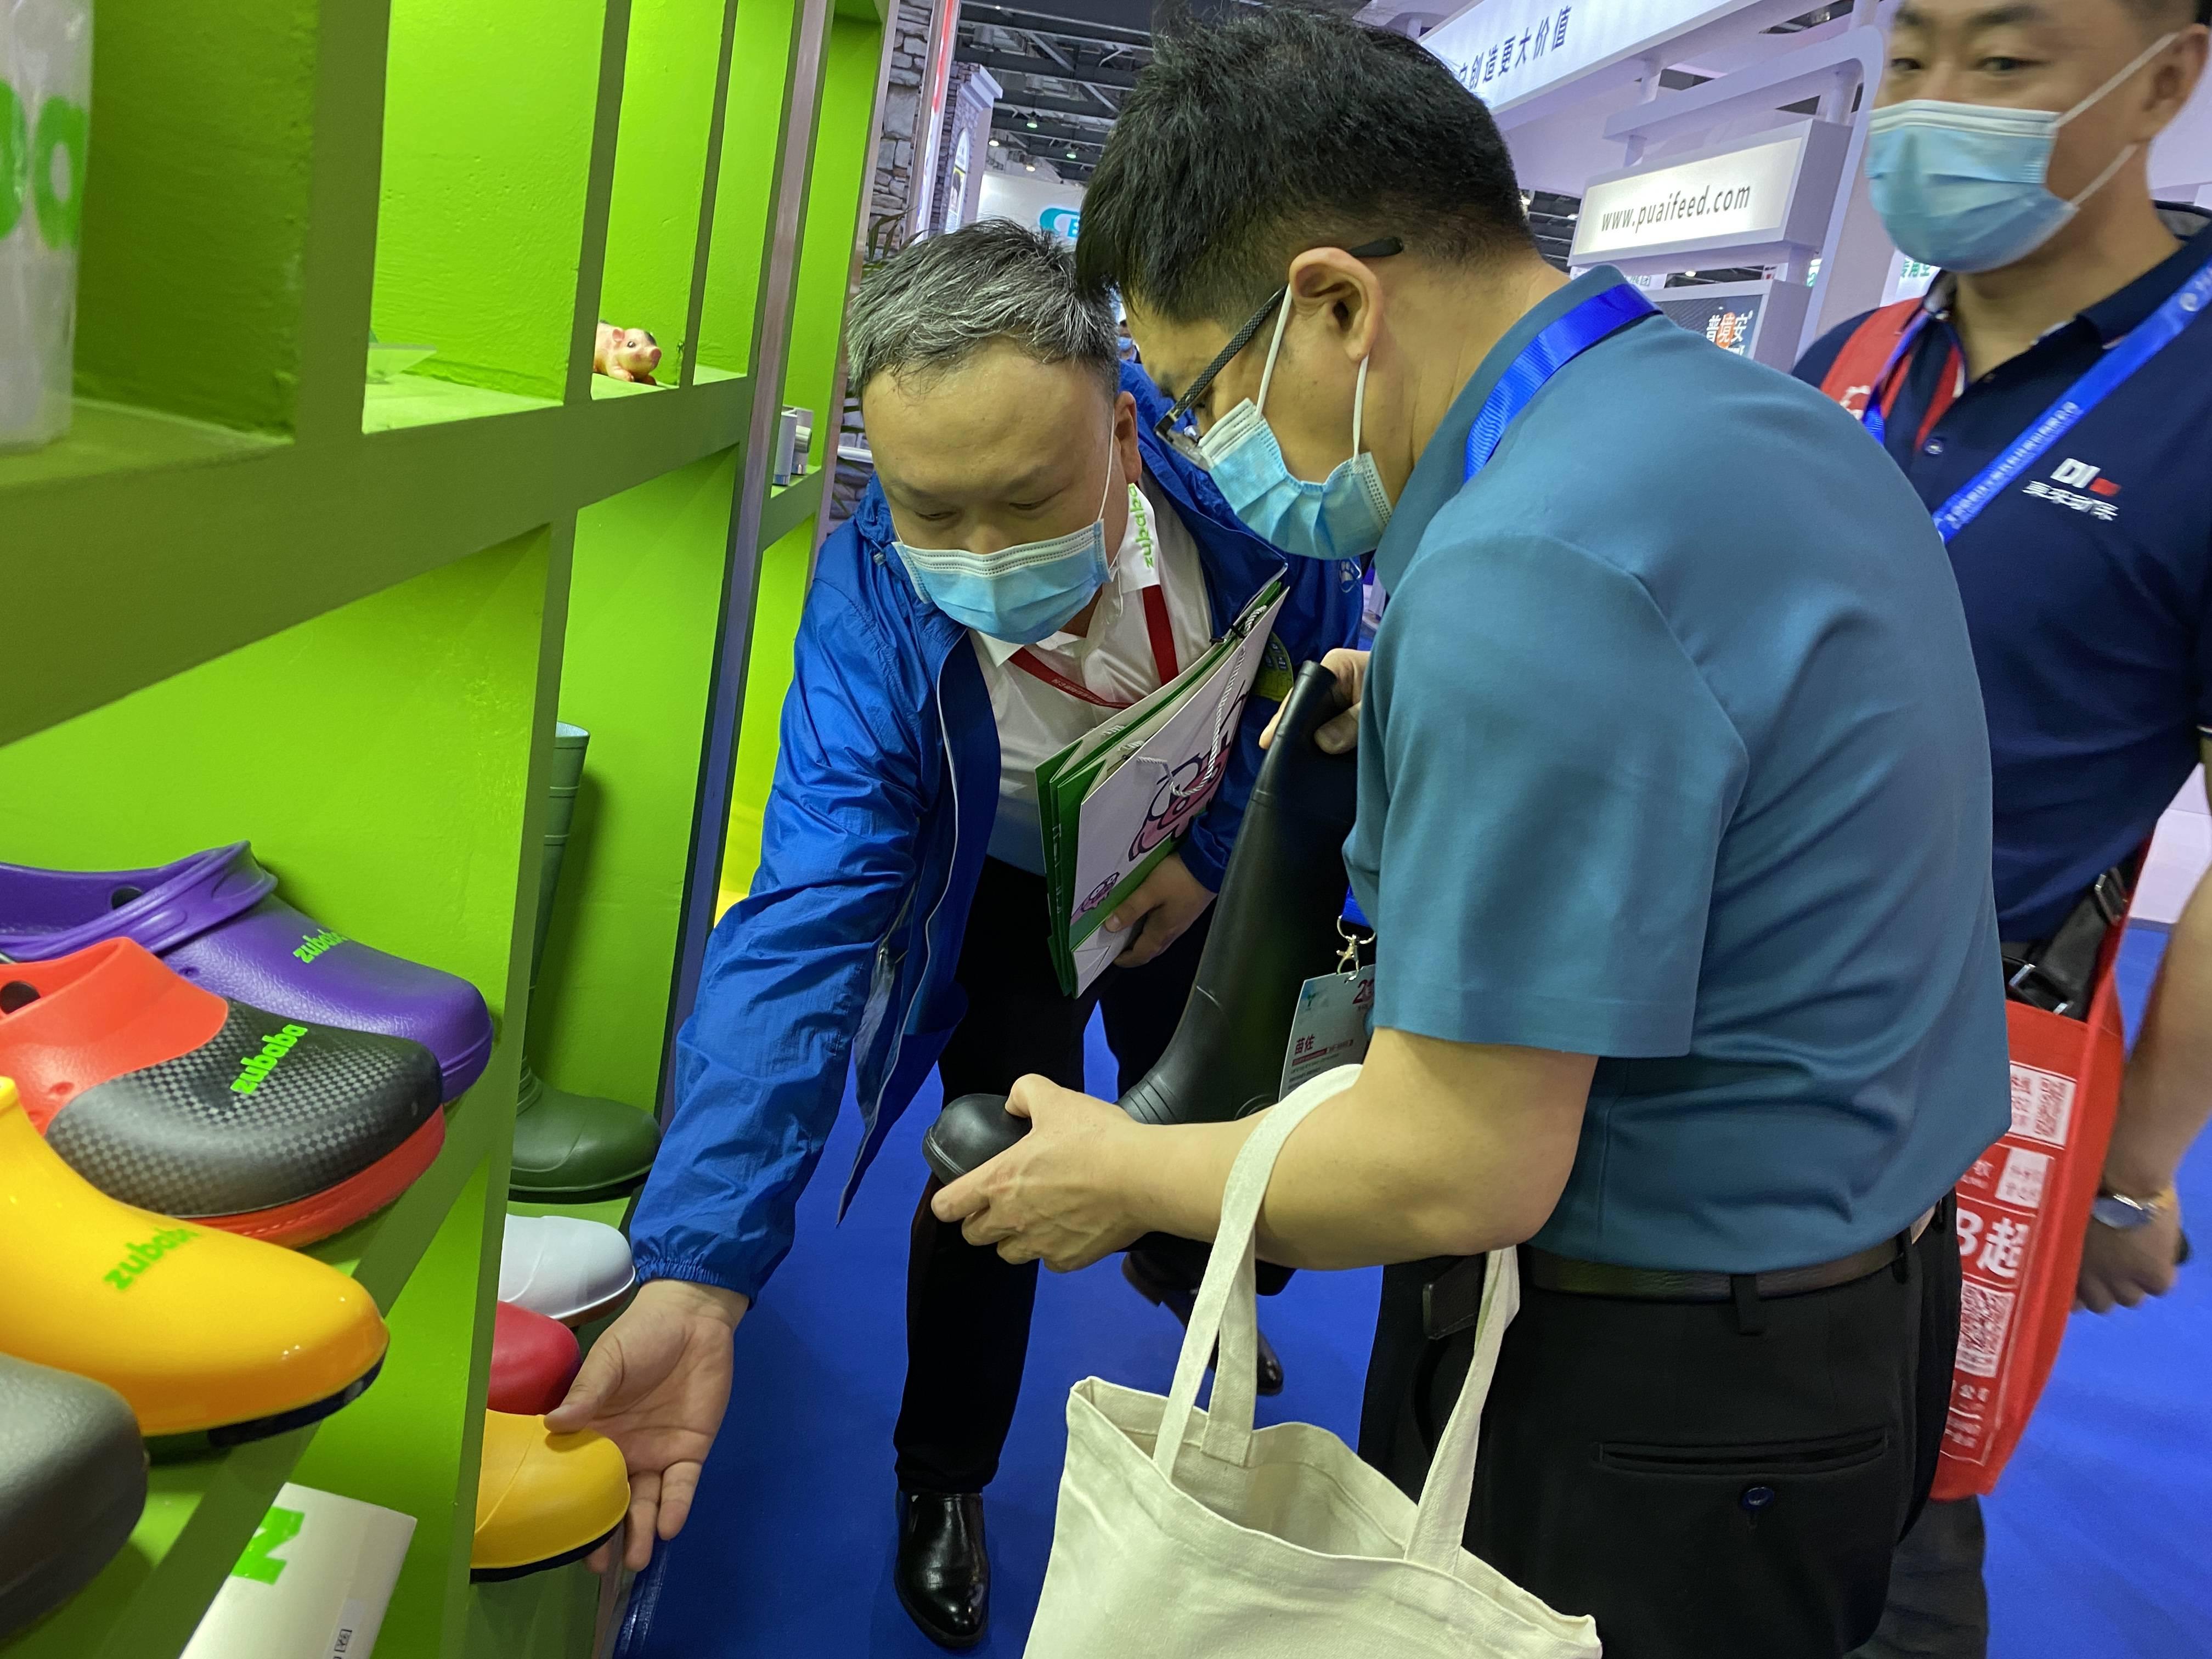 奋进·畜博—猪巴巴恭贺第十九届中国畜牧博览会圆满落幕 新闻动态